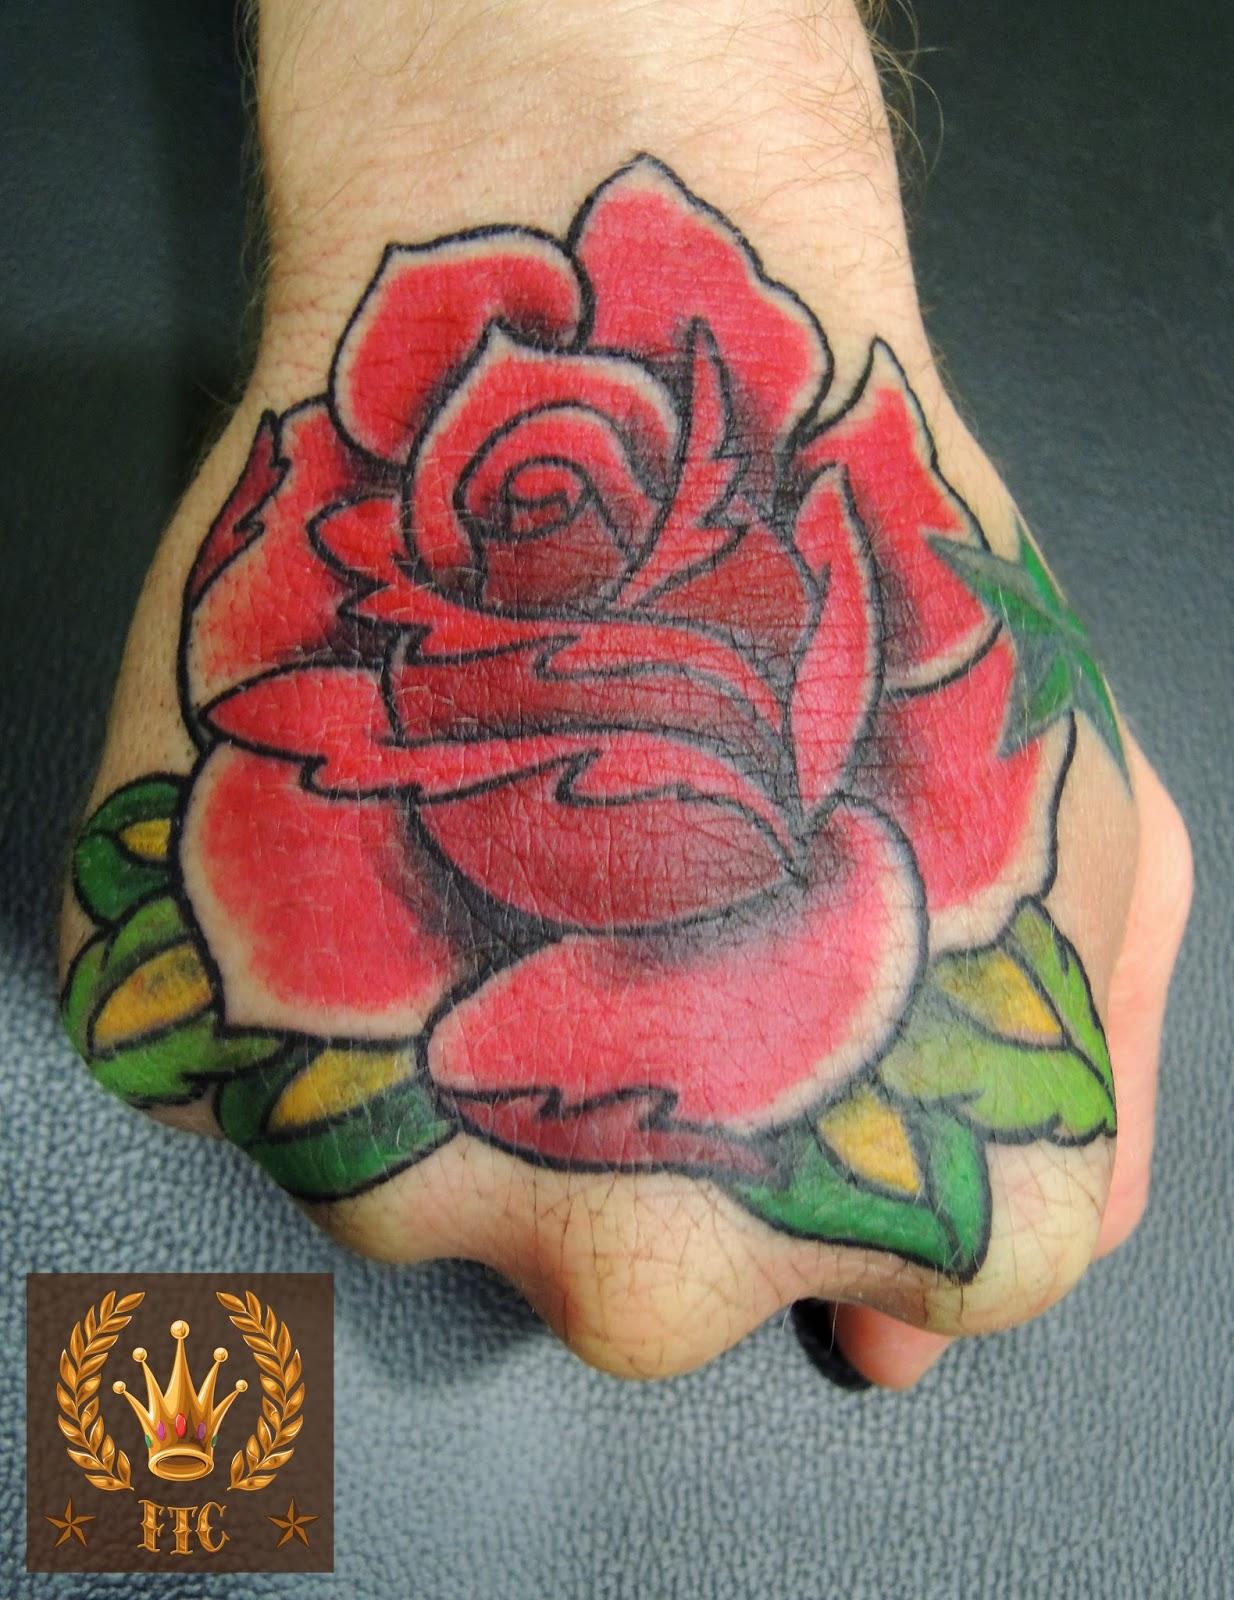 ftc tatouage bordeaux une rose. Black Bedroom Furniture Sets. Home Design Ideas